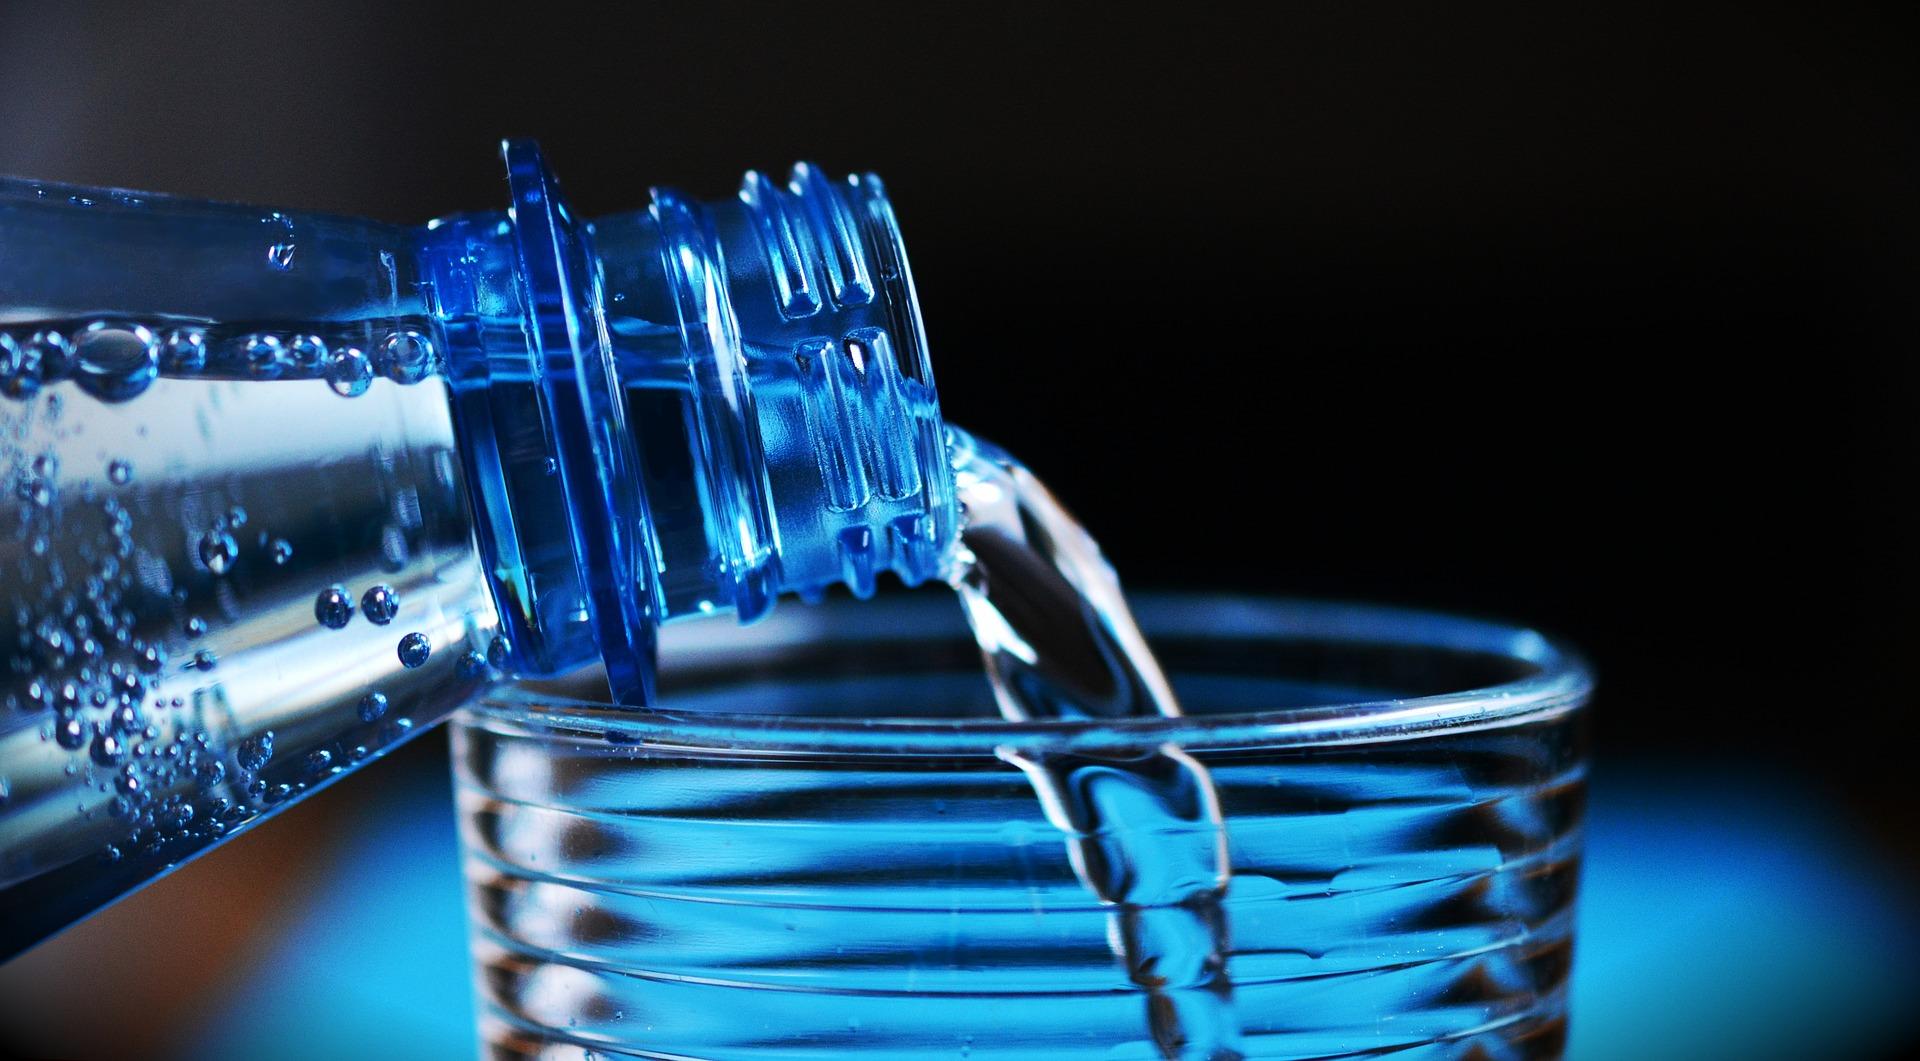 Tomar água, suco e chás deve fazer parte da rotina. Foto: Pixabay.